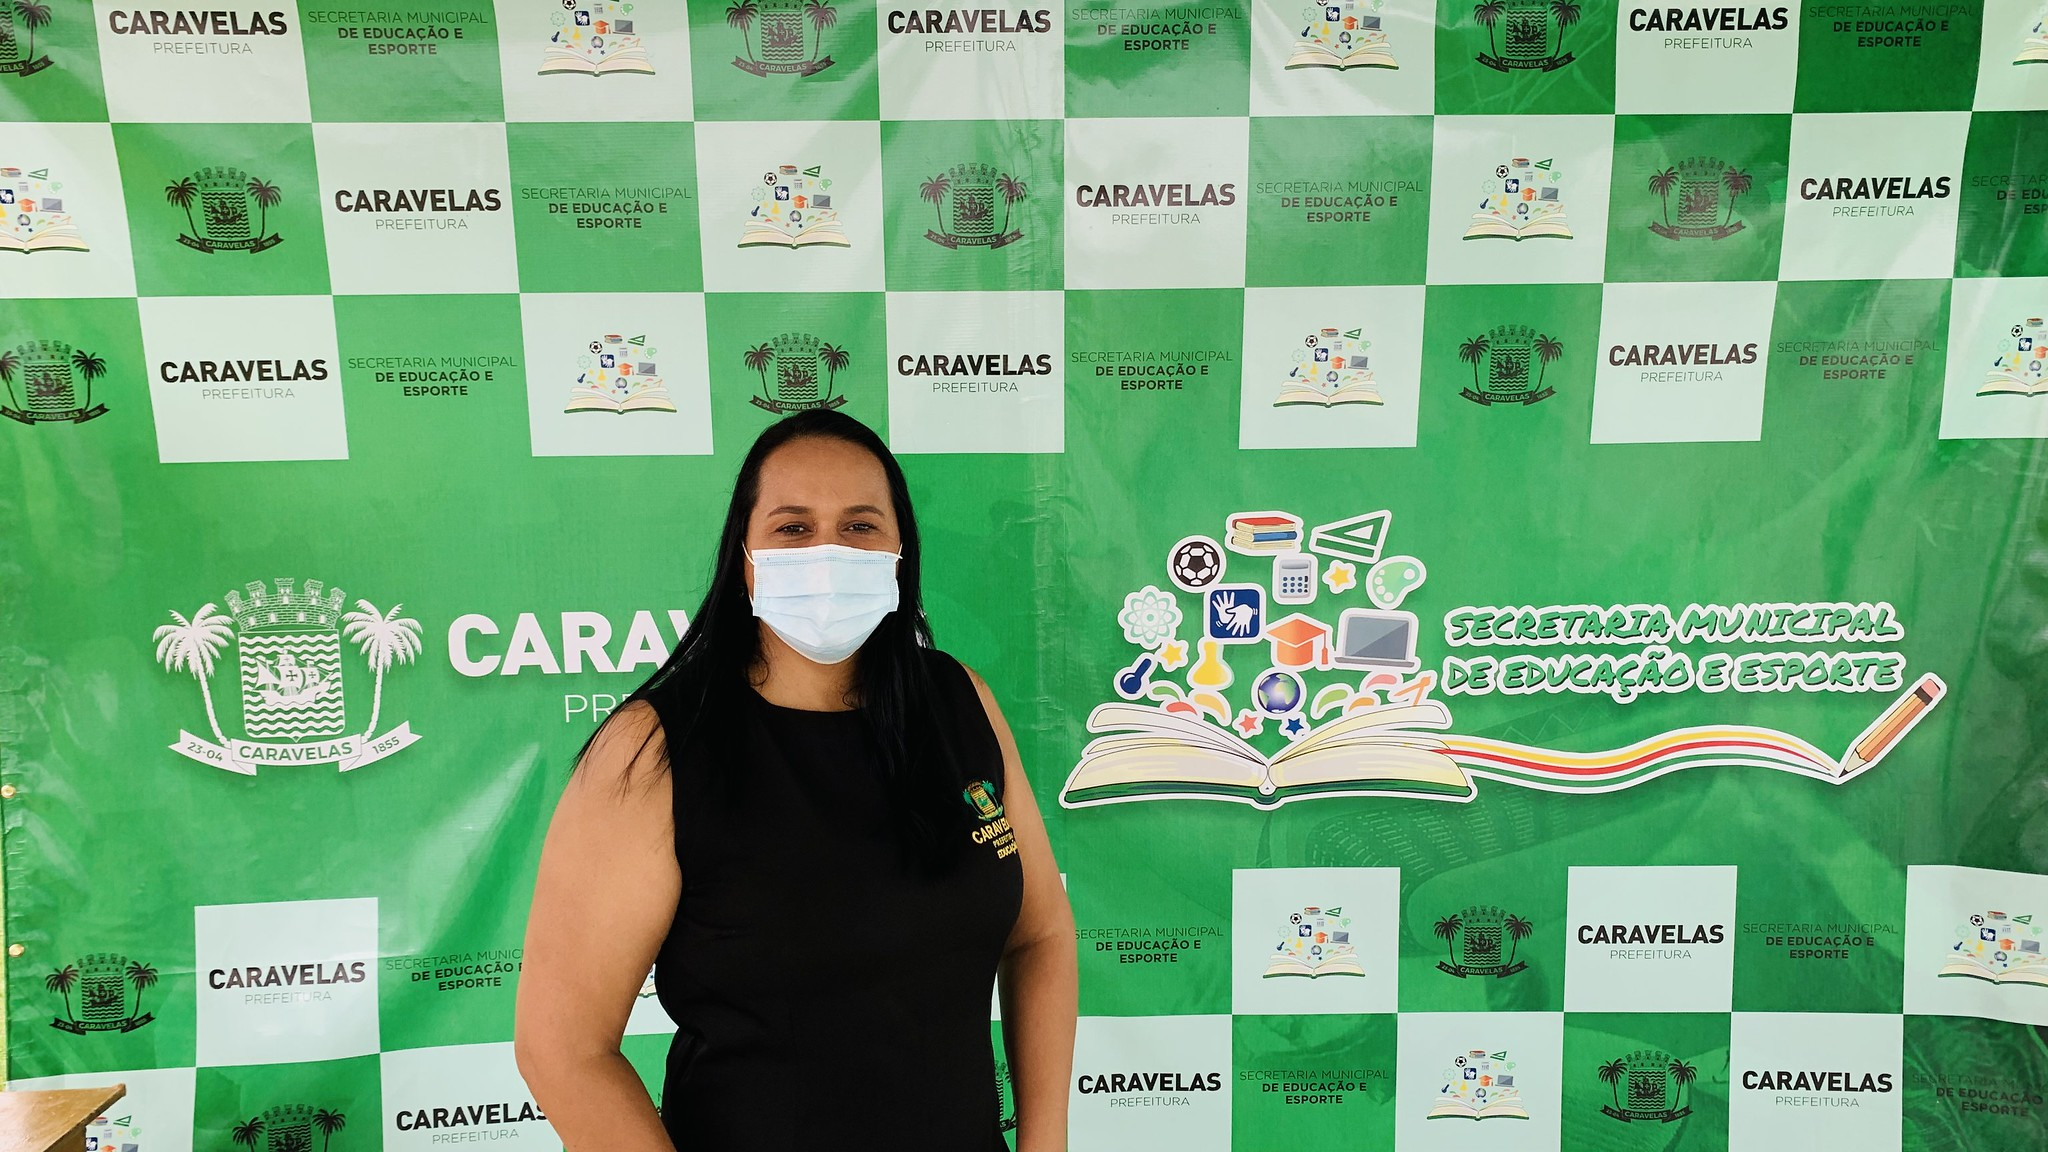 Jocivânia Caetano (Secretária de Educação e Esportes de Caravelas)